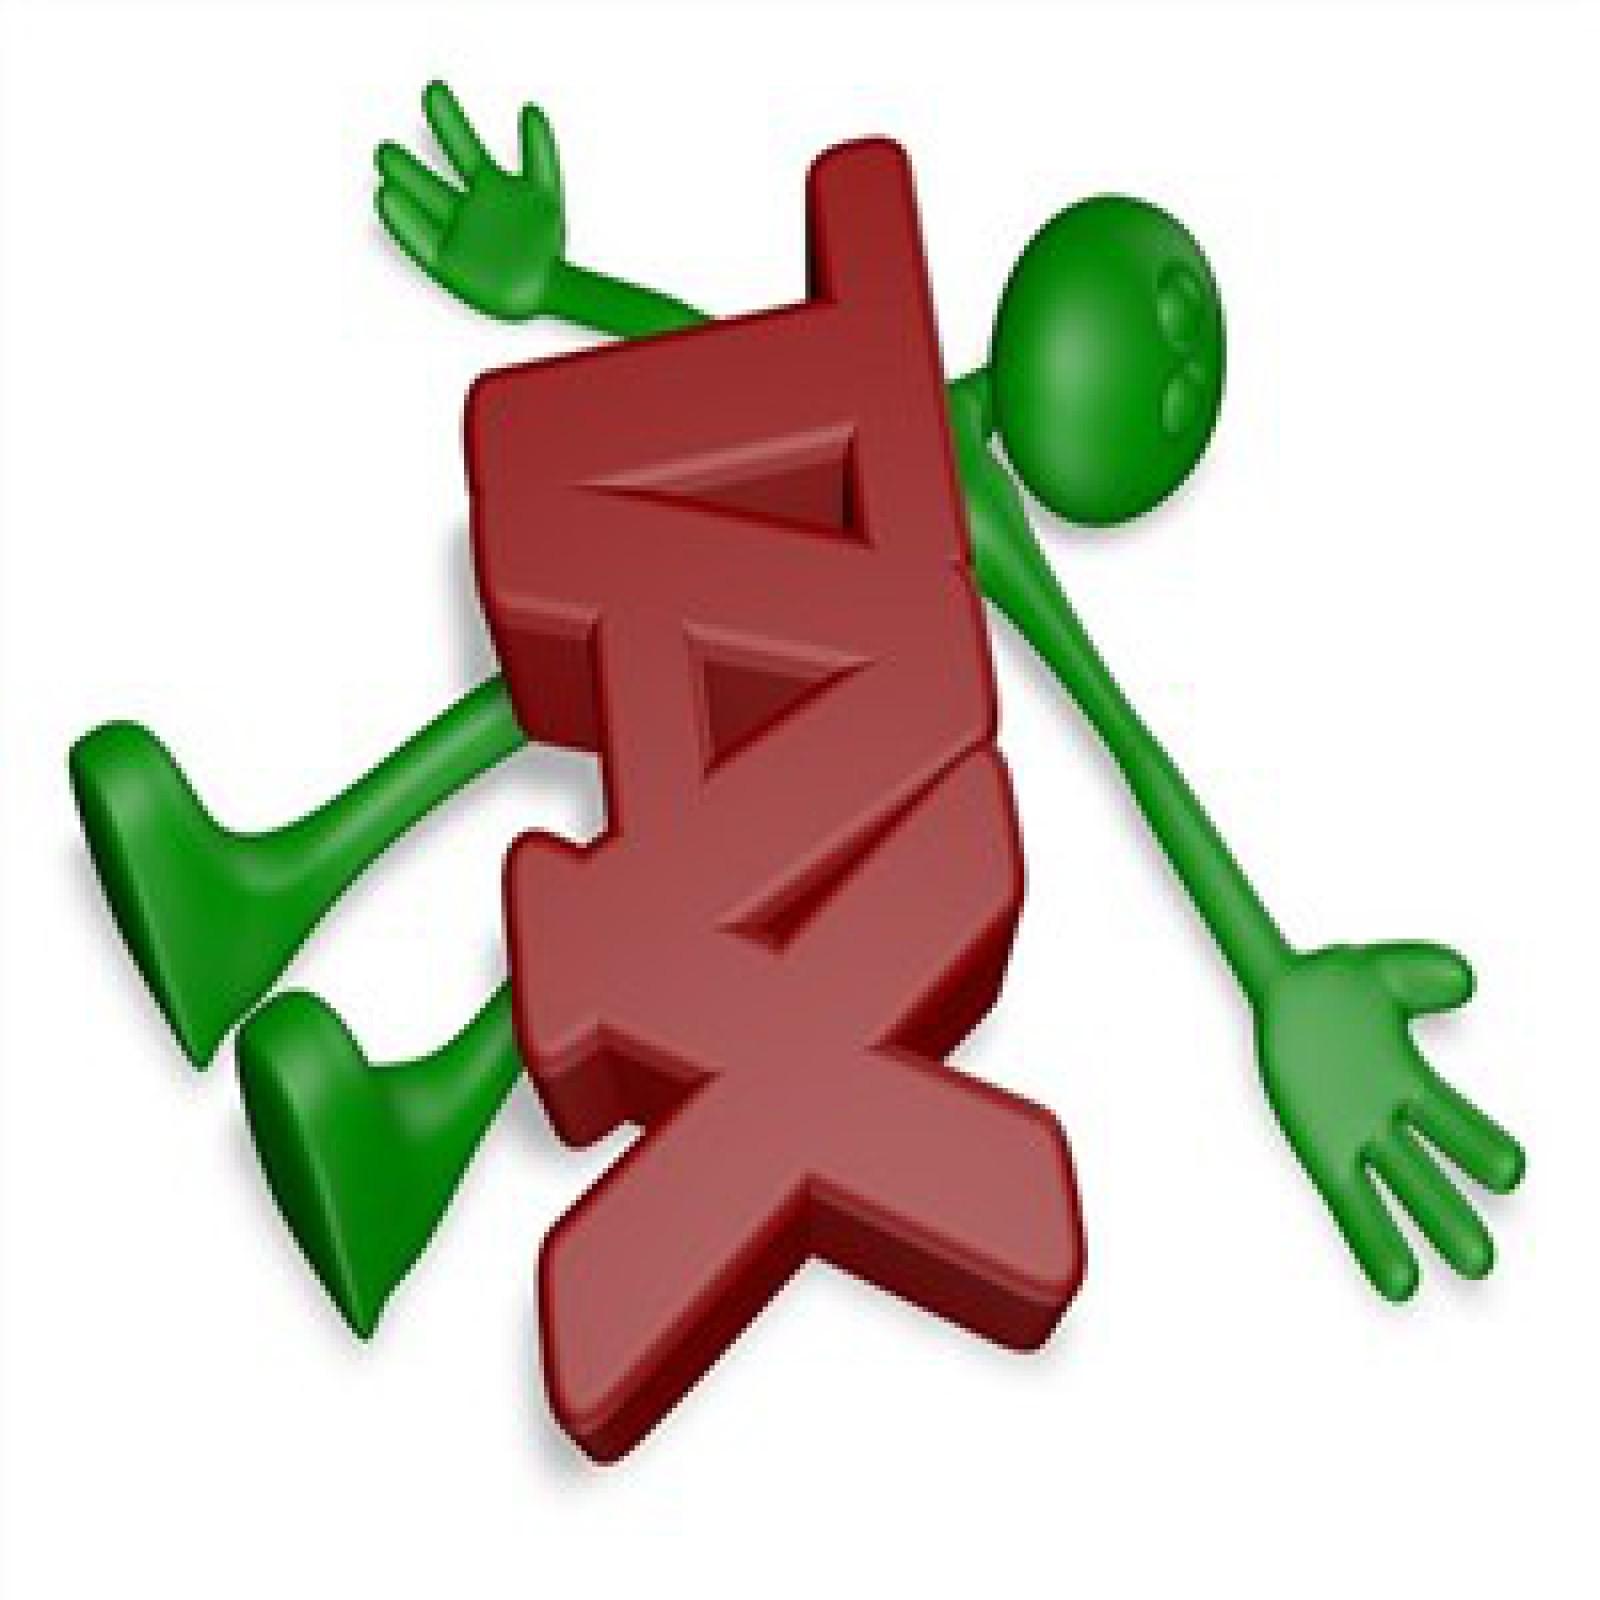 Omesso o insufficiente versamento, anche mediante l'indebita compensazione, delle ritenute fiscali: Agenzia delle Entrate, circolare n. 1 del 12/02/2020